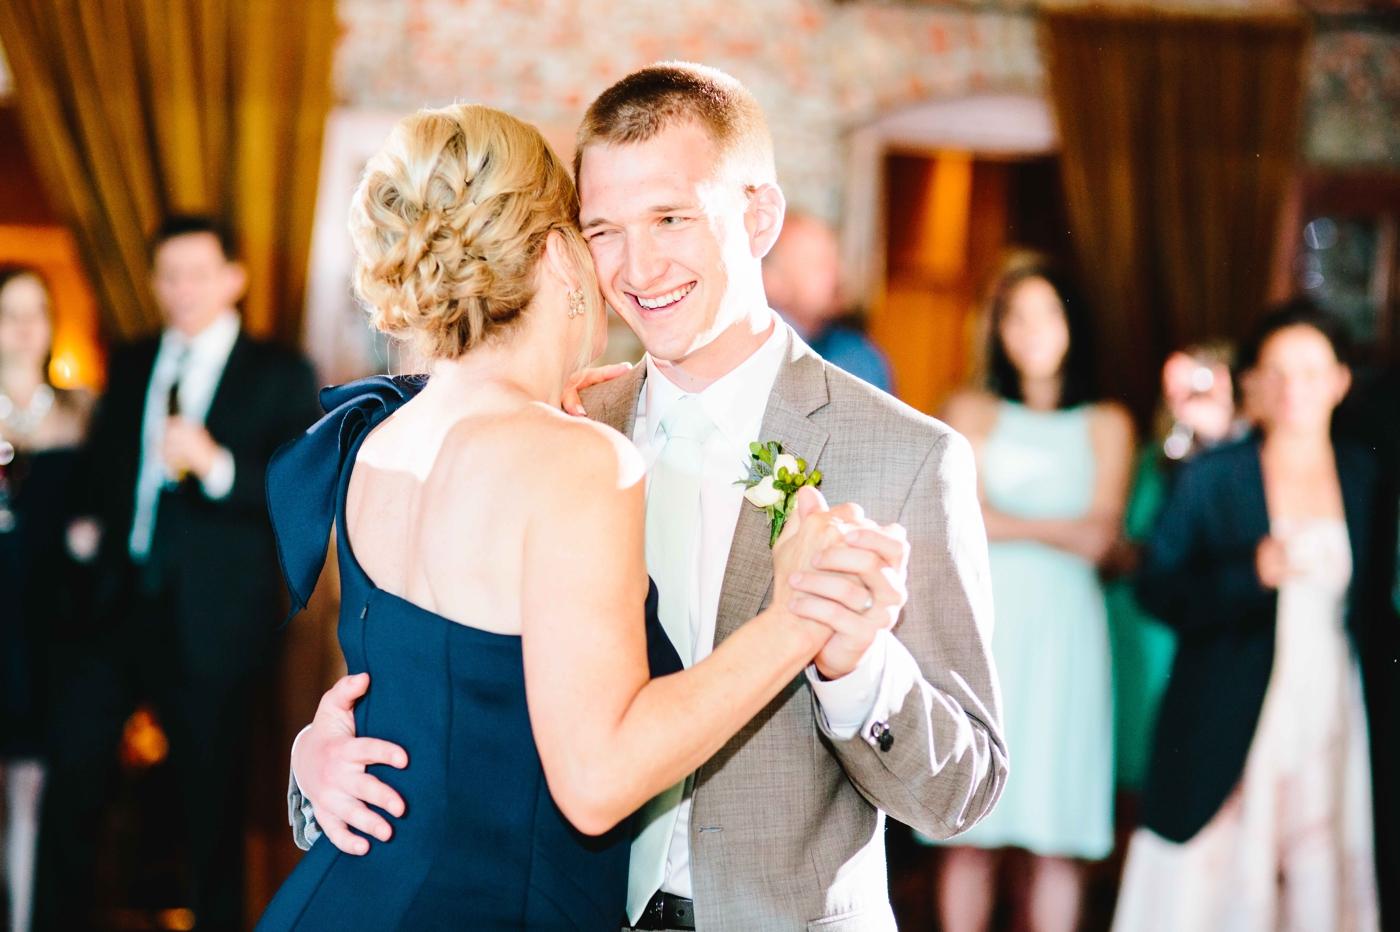 chicago-fine-art-wedding-photography-stewart38